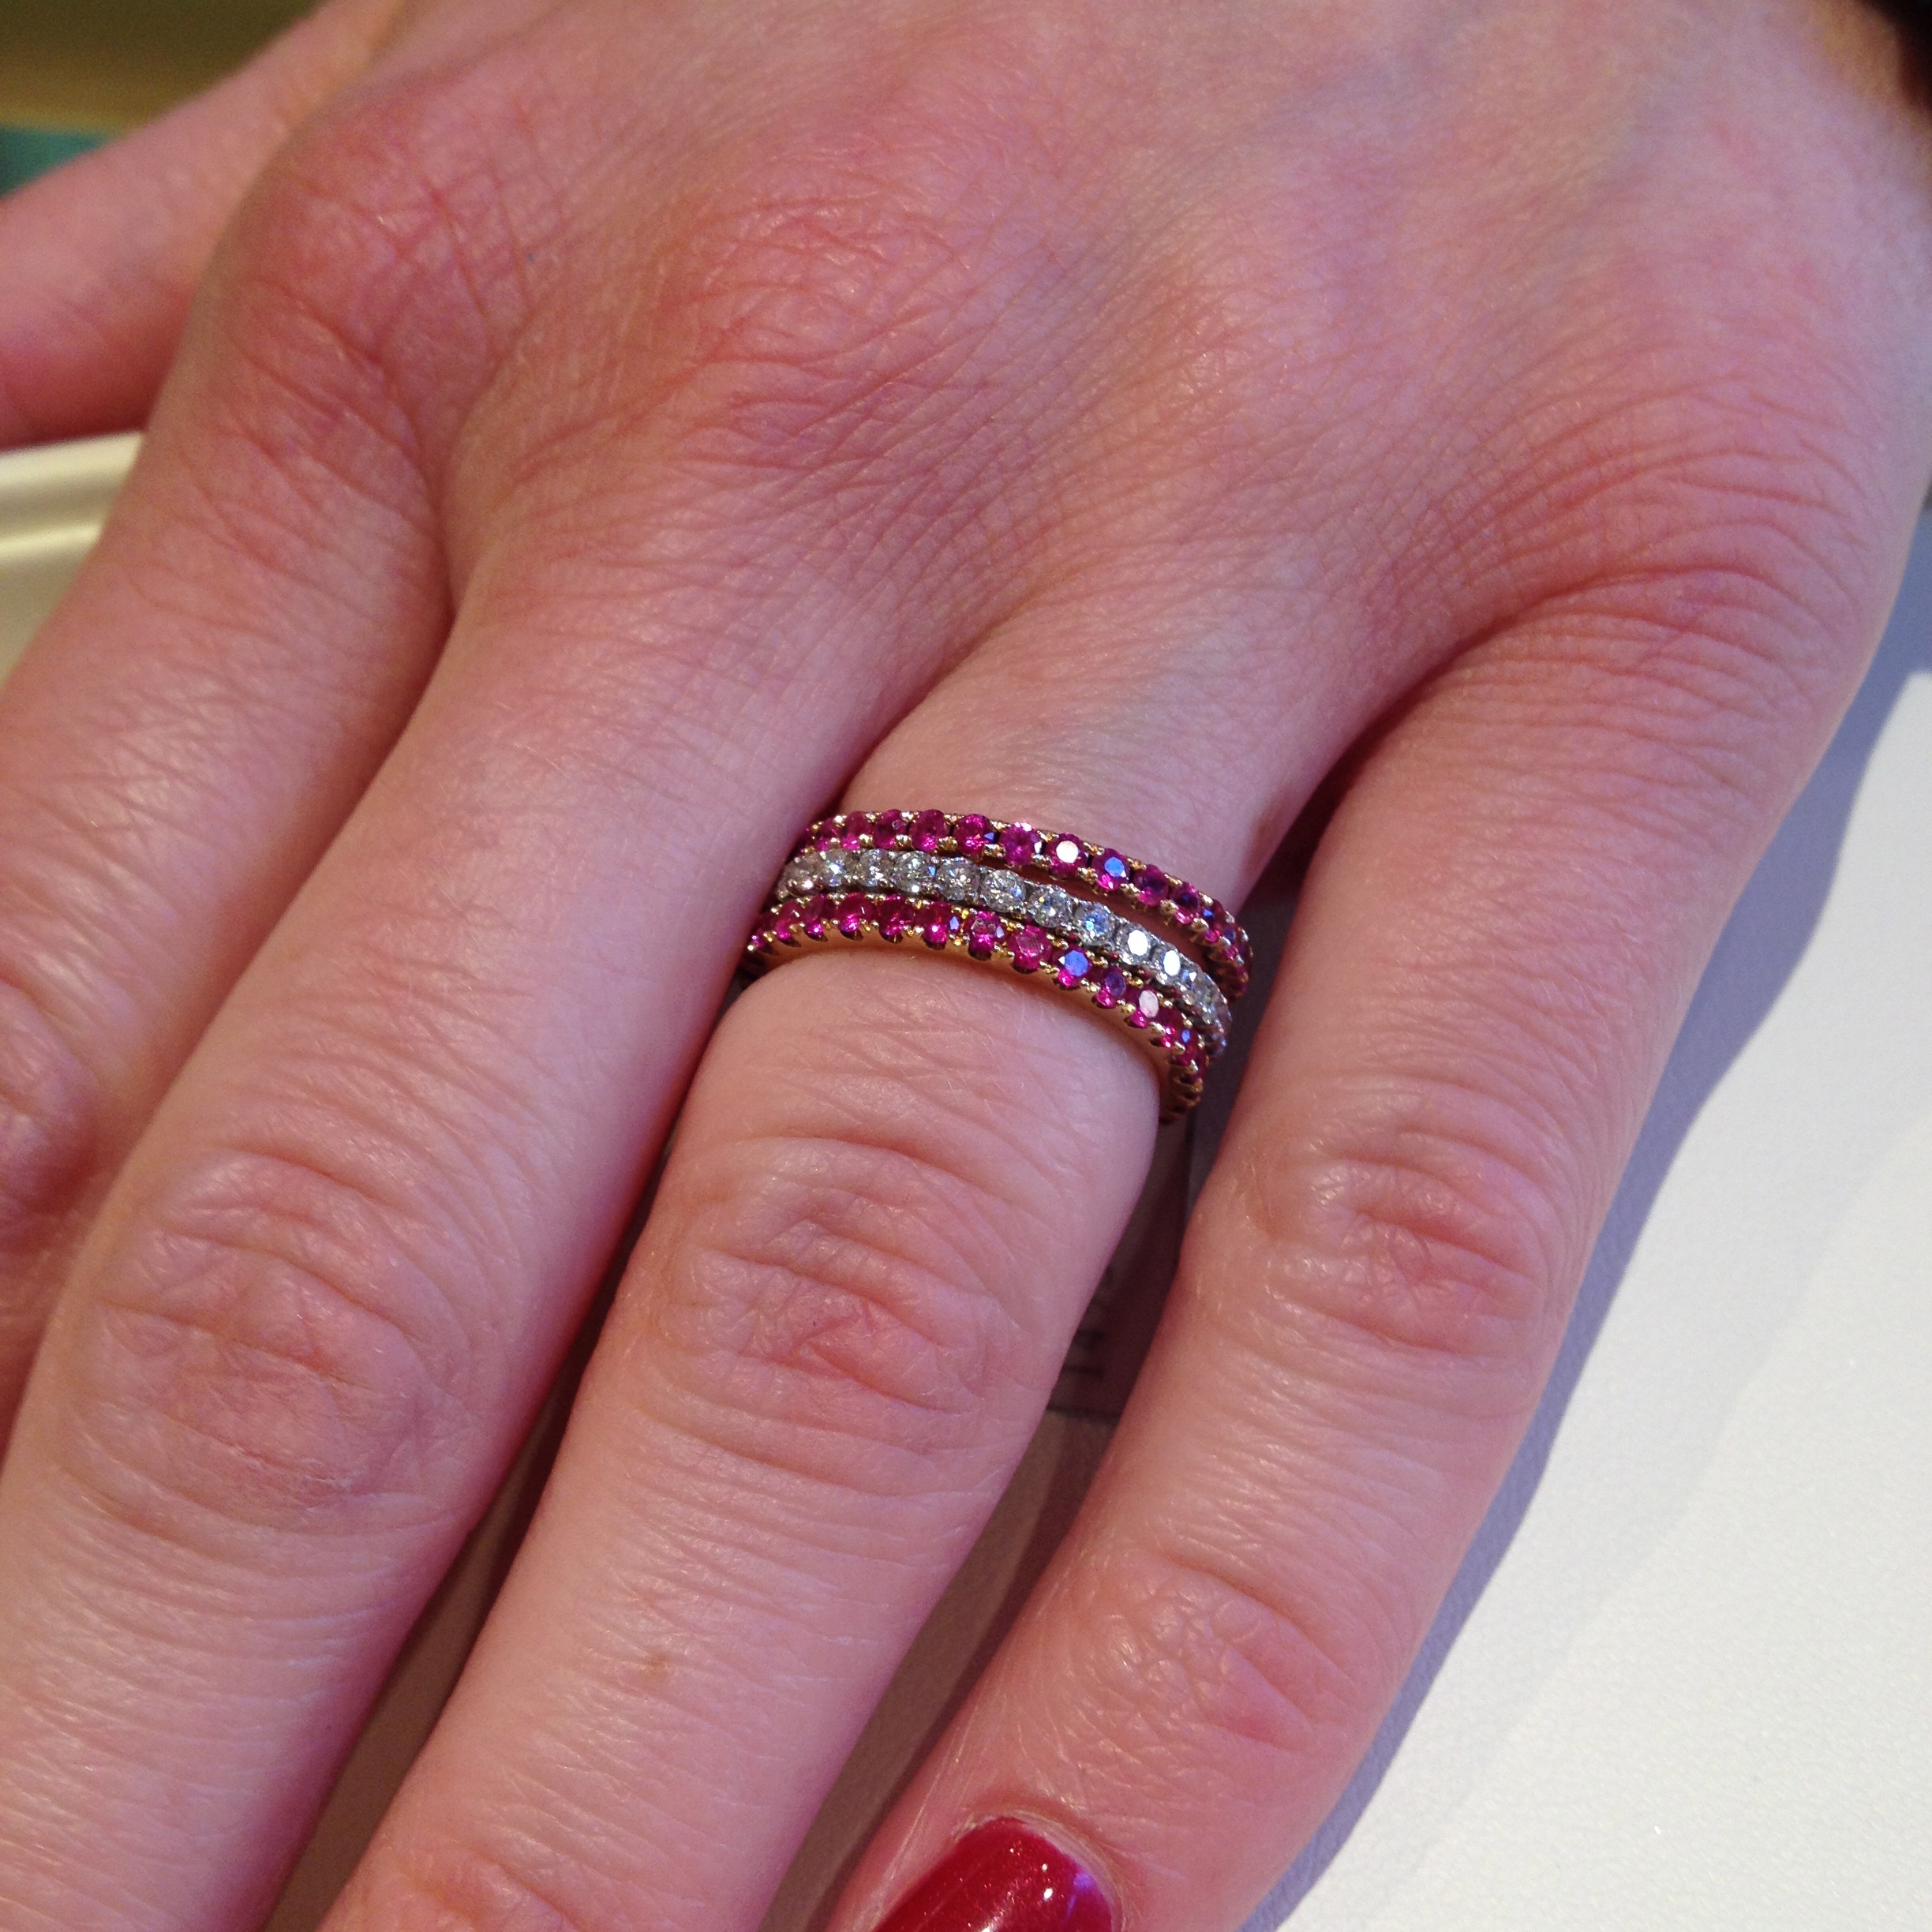 Hands Jewelers   Since 1854 : 109 E. Washington St. Iowa City, IA 52240